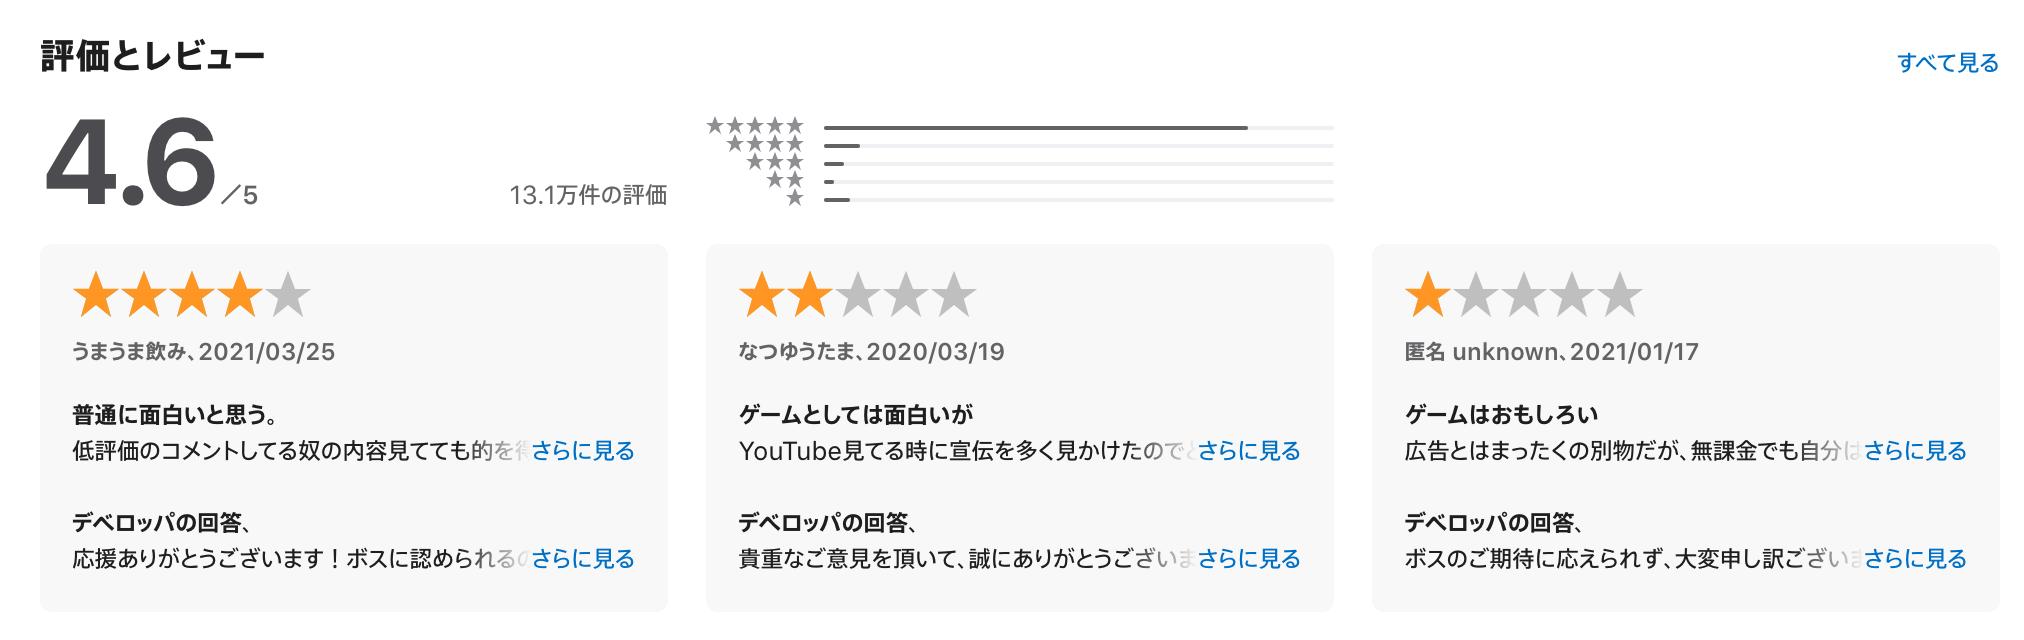 スクリーンショット 2021-05-02 11.33.27